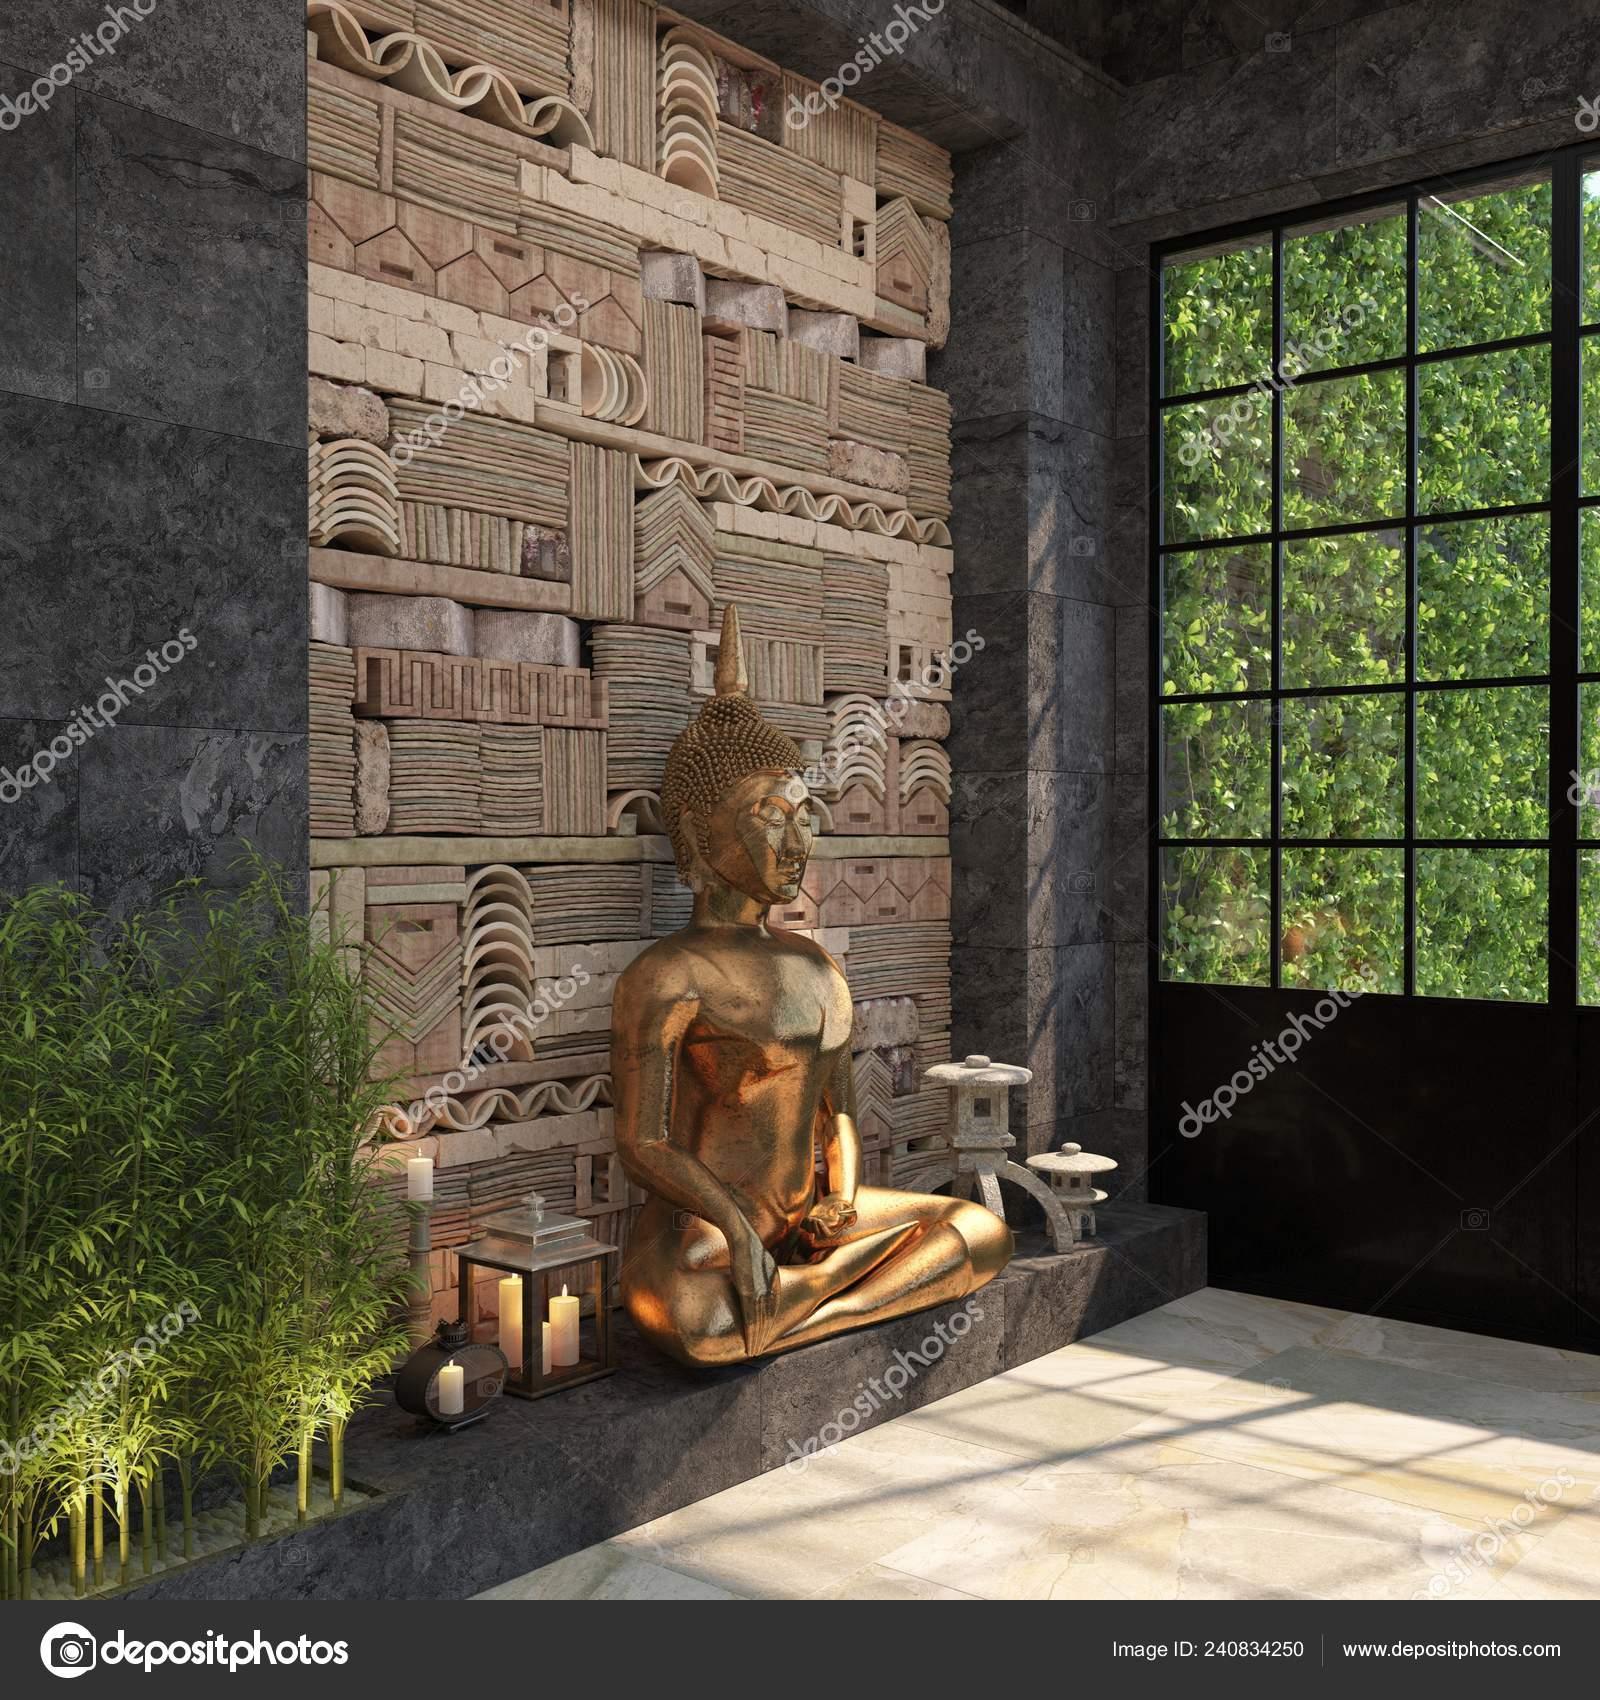 Decor Maison Avec Une Statue Bouddha Contre Mur Noir Avec